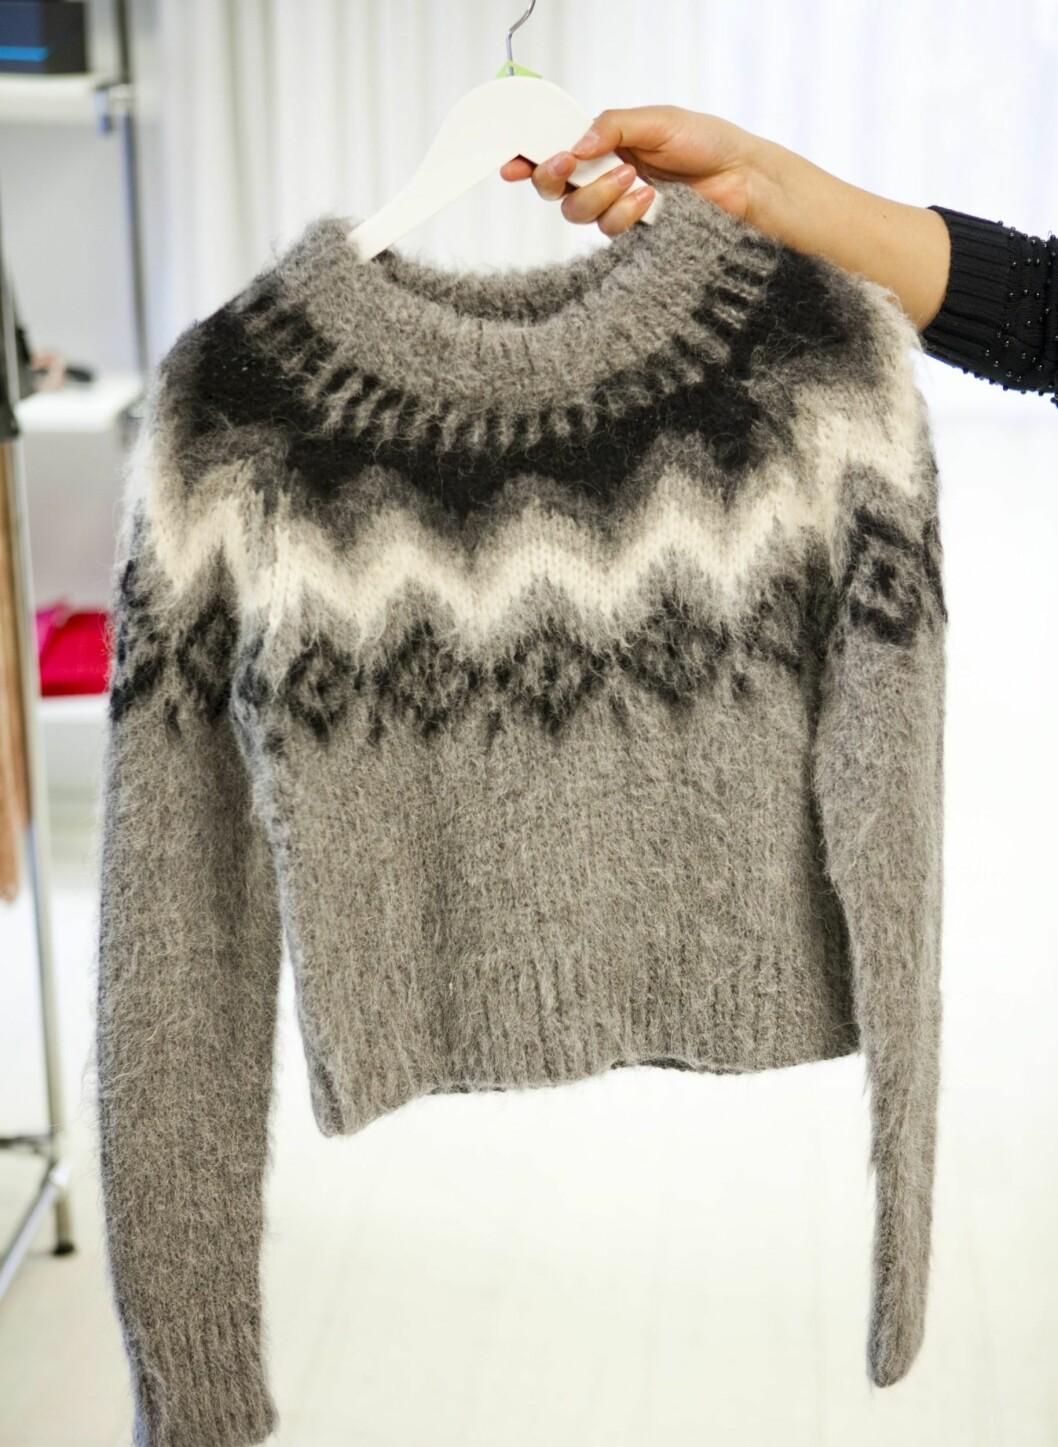 Kort genser inspirert av tradisjonelle islandsgensere (kr 3700, Gant). Foto: Per Ervland